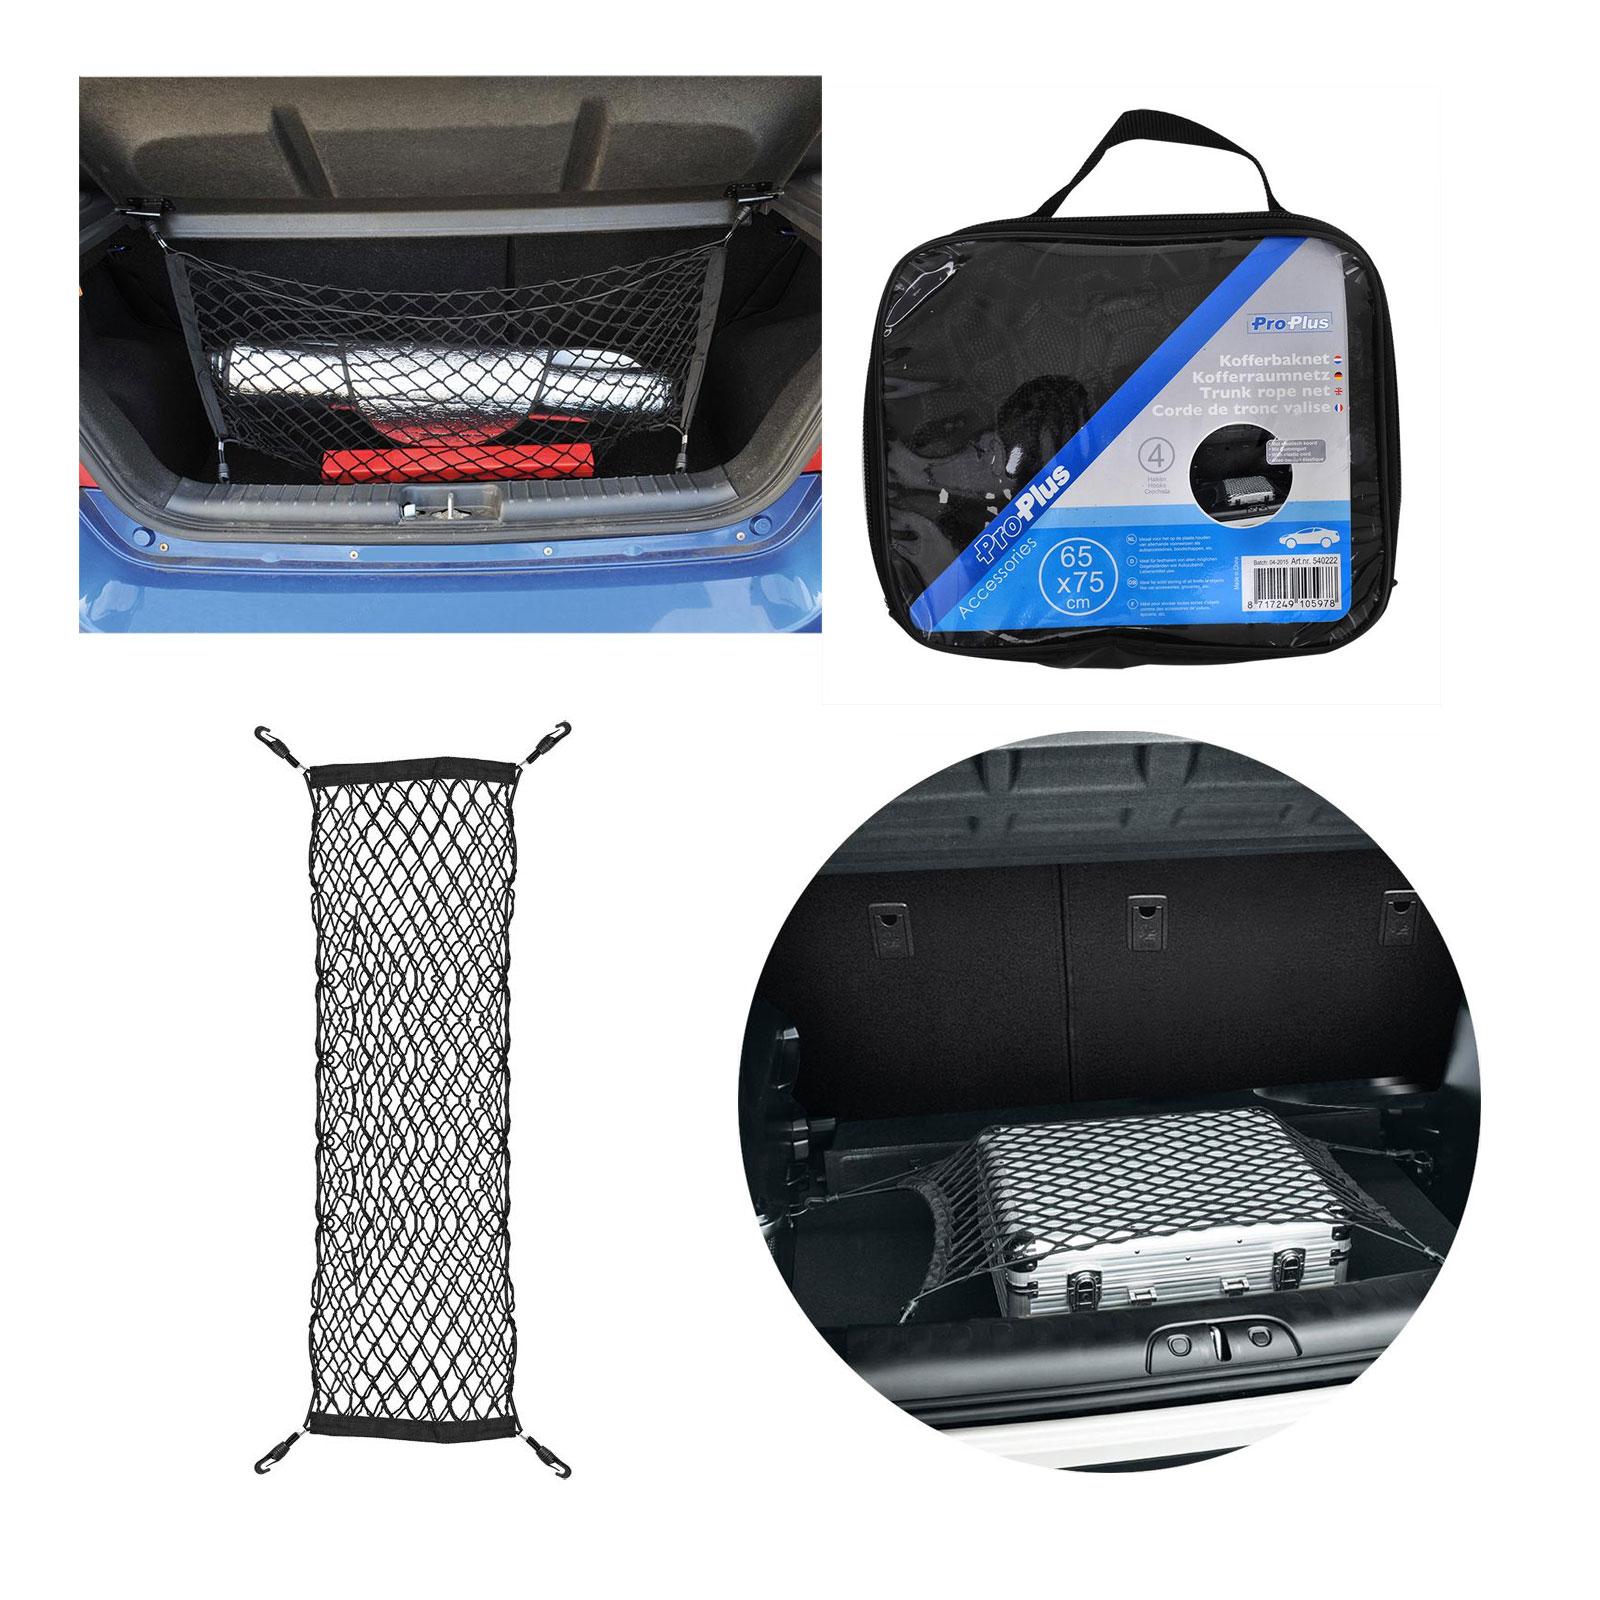 ProPlus Kofferraumnetz 65x75 cm mit 4 Haken inkl Tragetasche